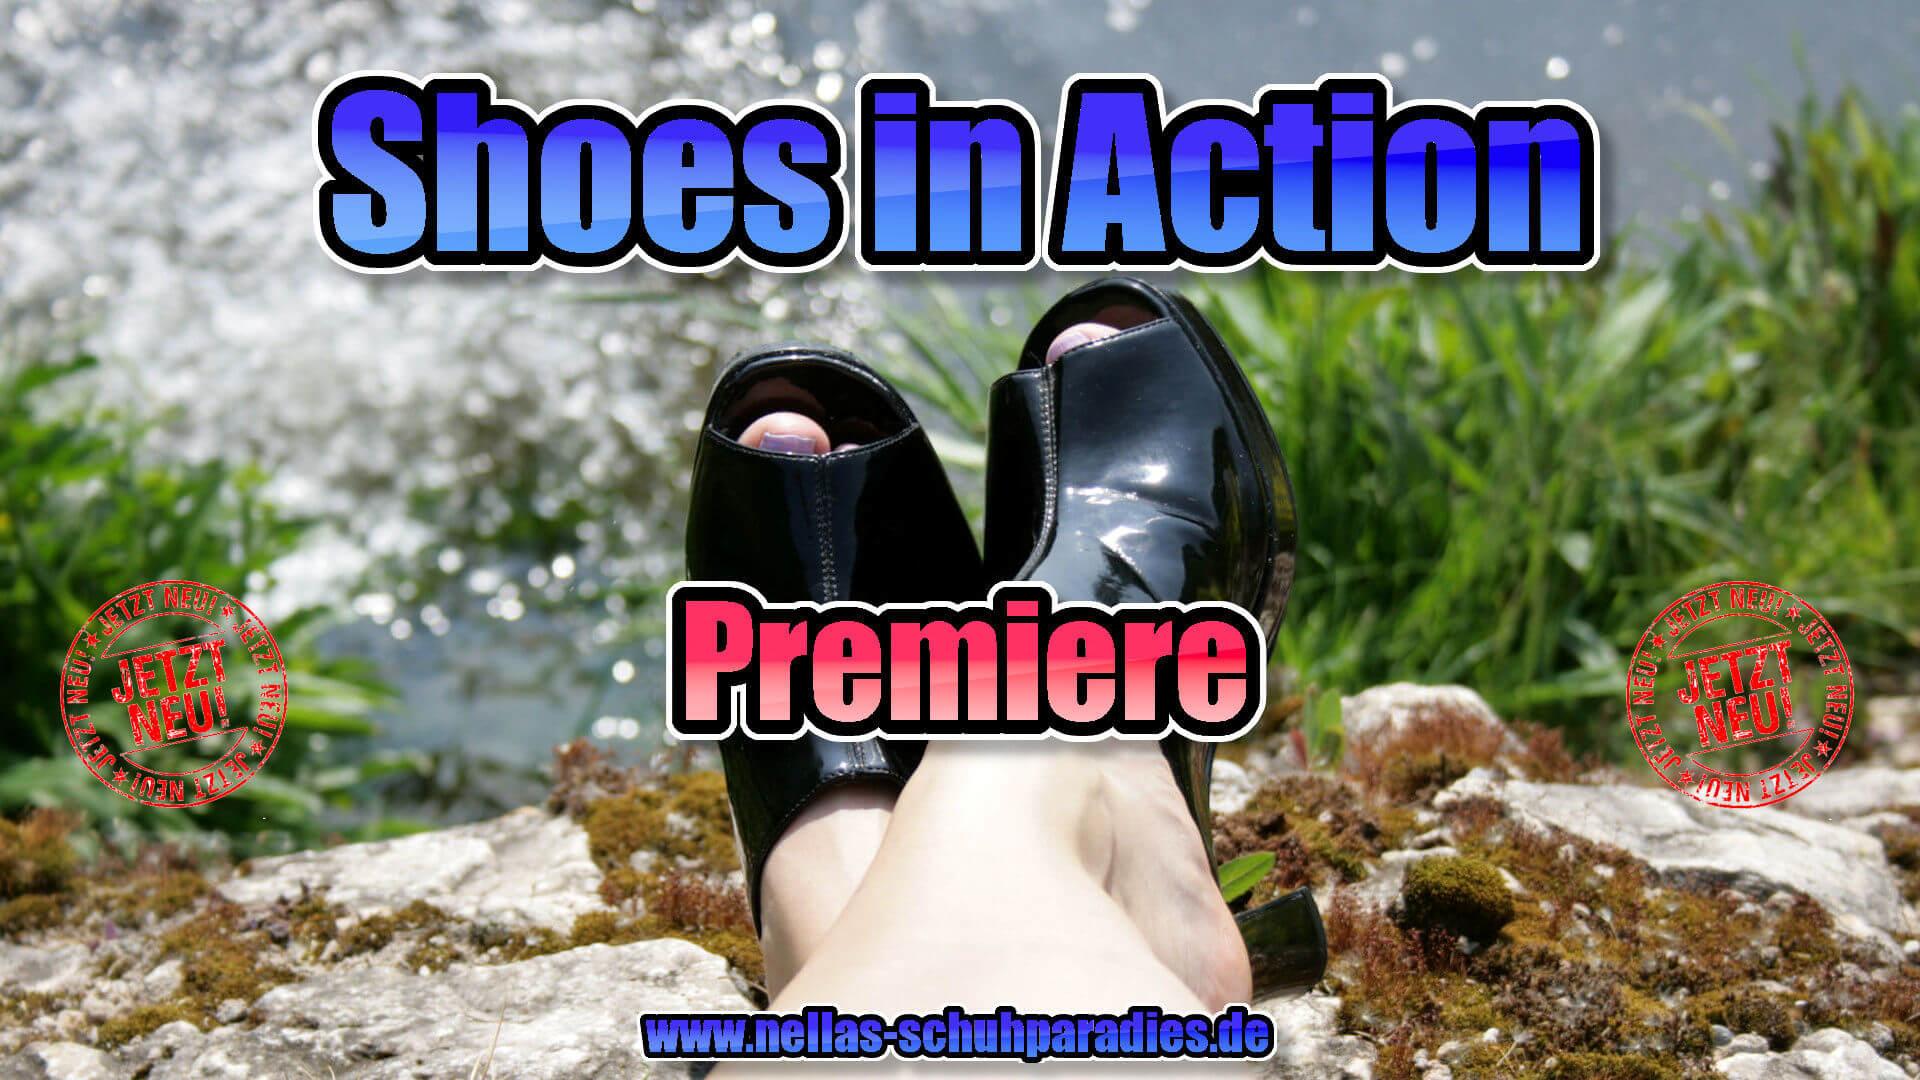 Shoe ins Action Premiere